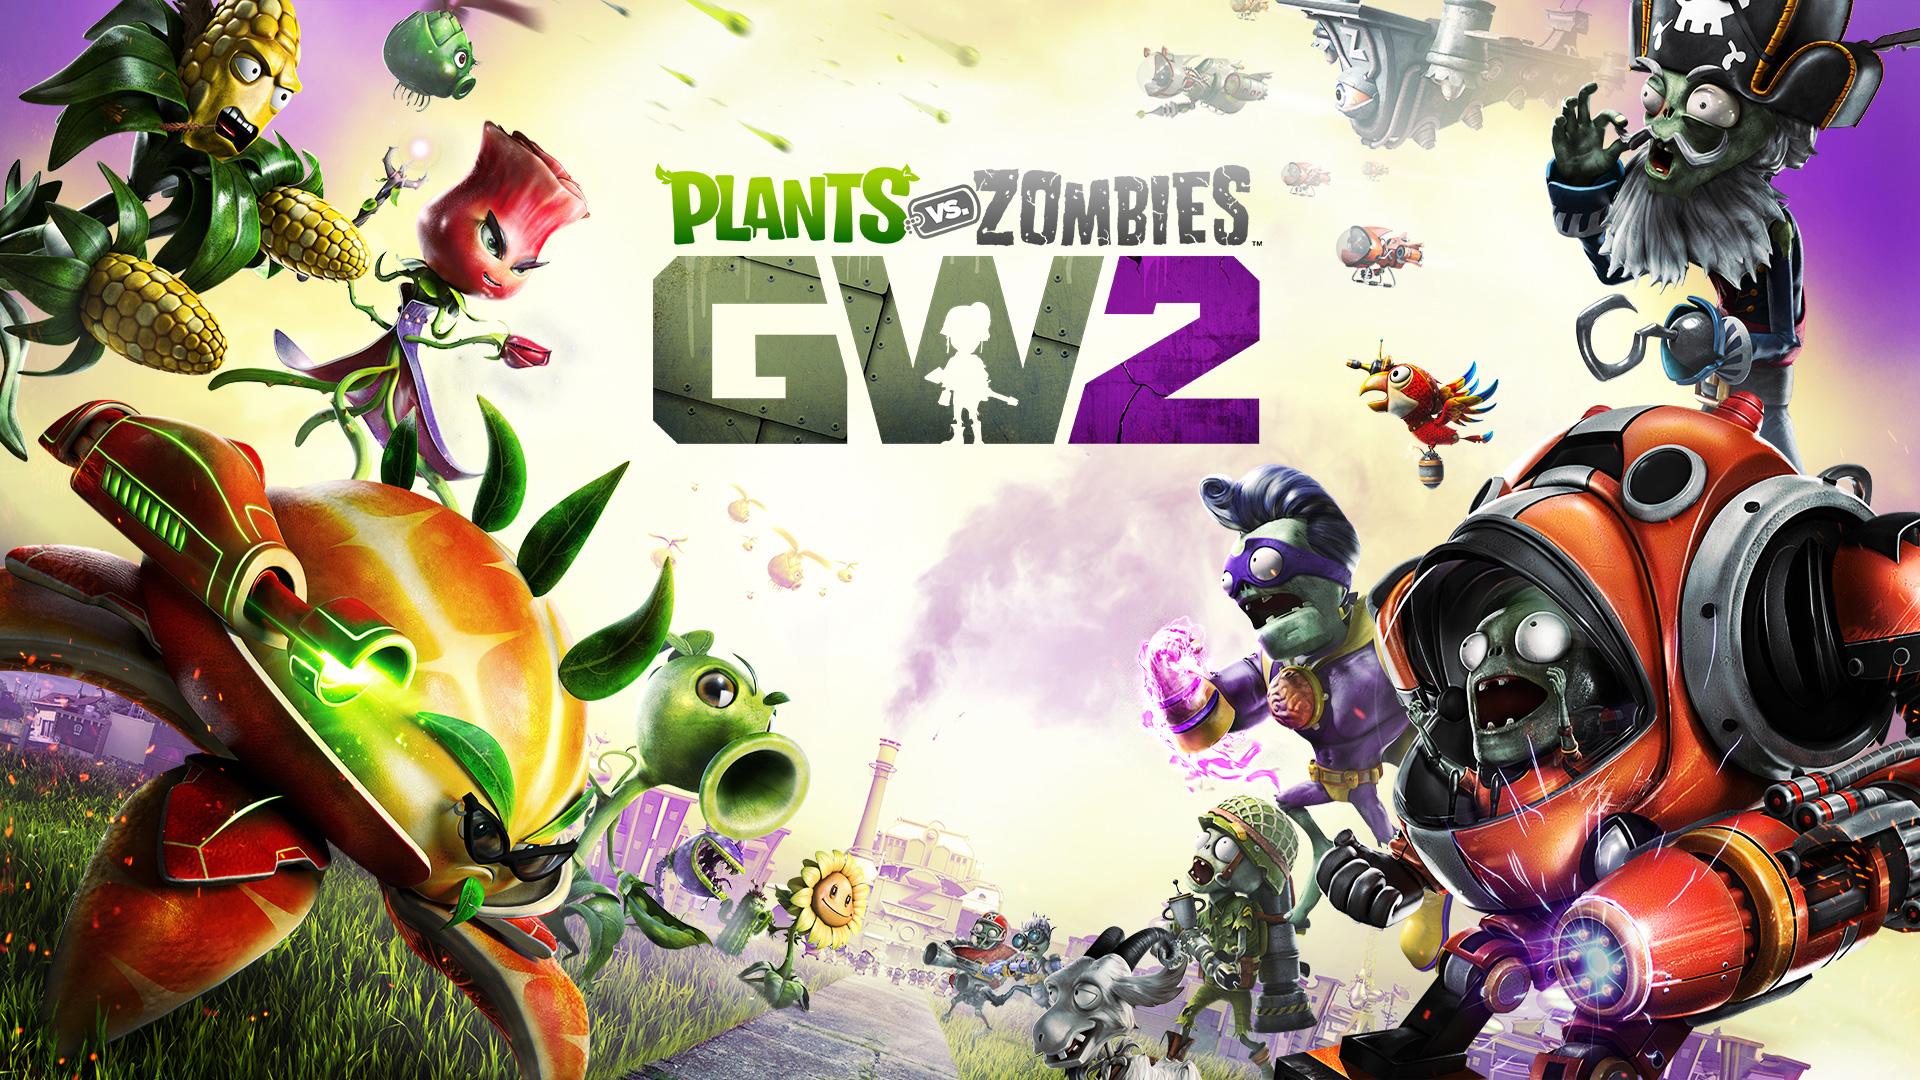 download game plants vs zombies garden warfare torrent kickass